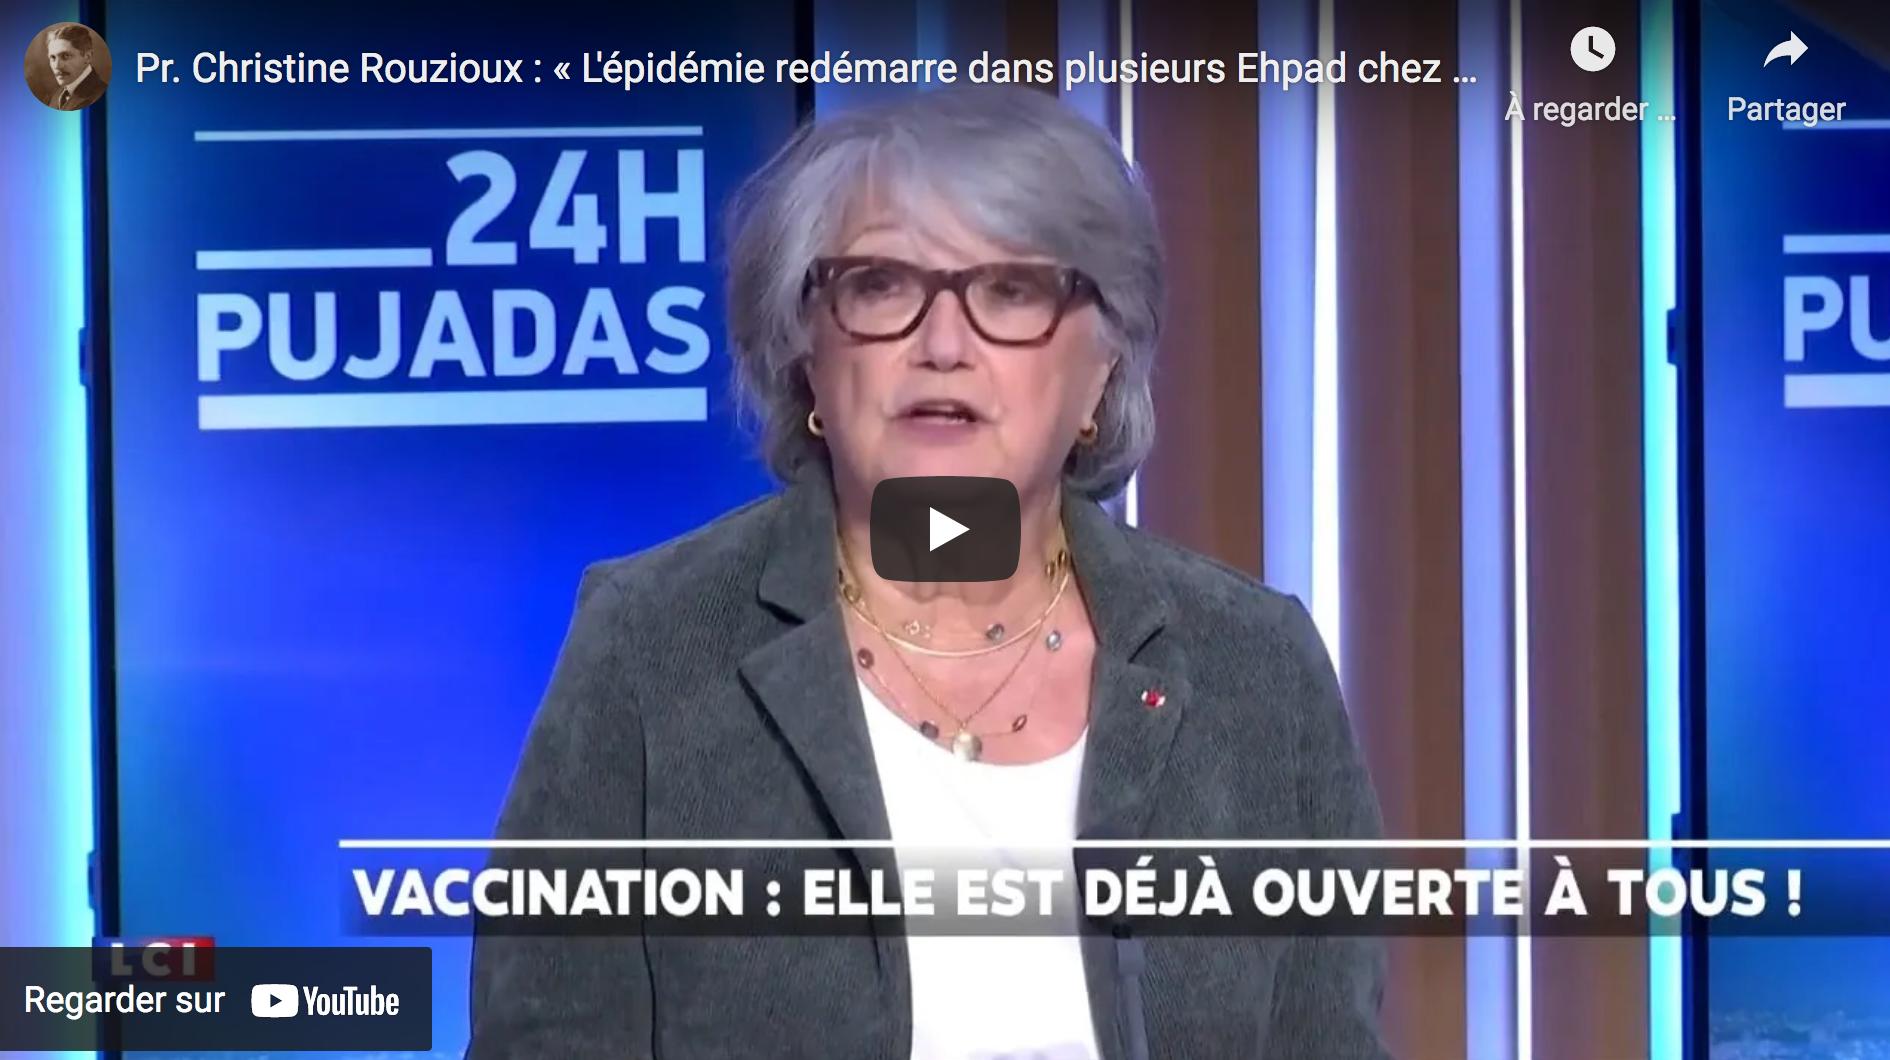 Pr Christine Rouzioux : « L'épidémie redémarre dans plusieurs Ehpad chez des sujets vaccinés ! » (VIDÉO)